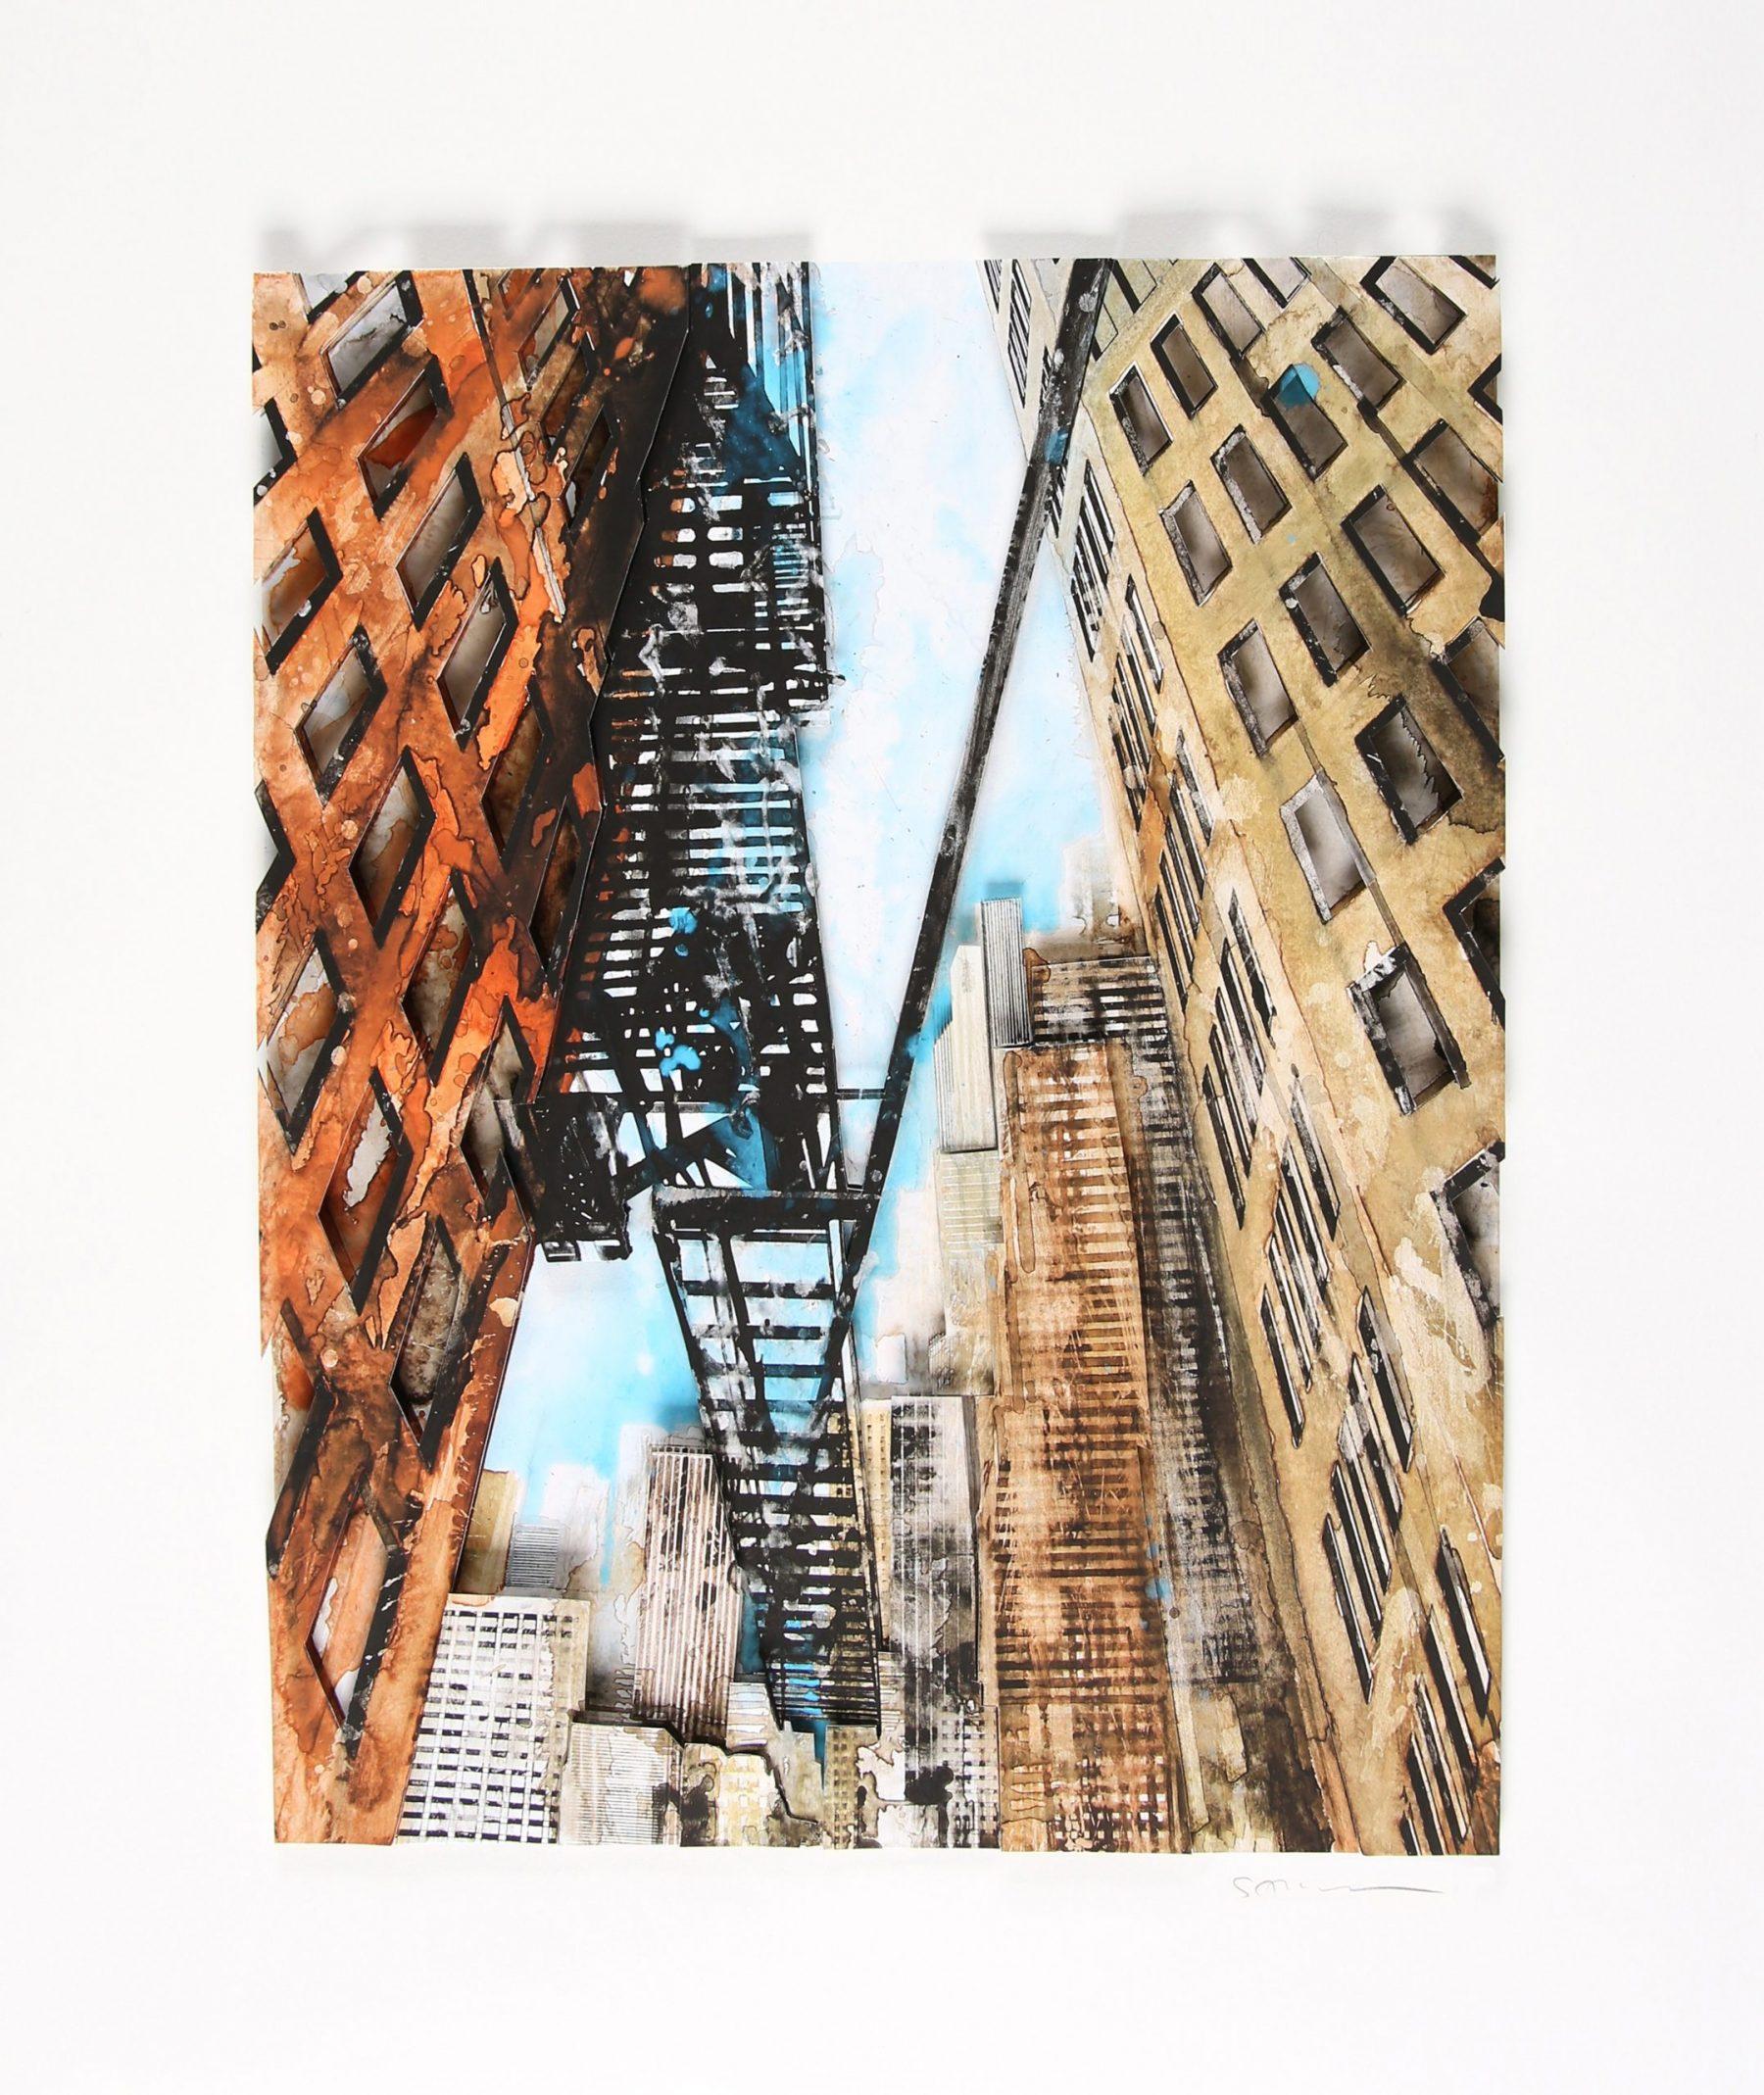 New York - Salzmann, Gottfried - k-2011GS2